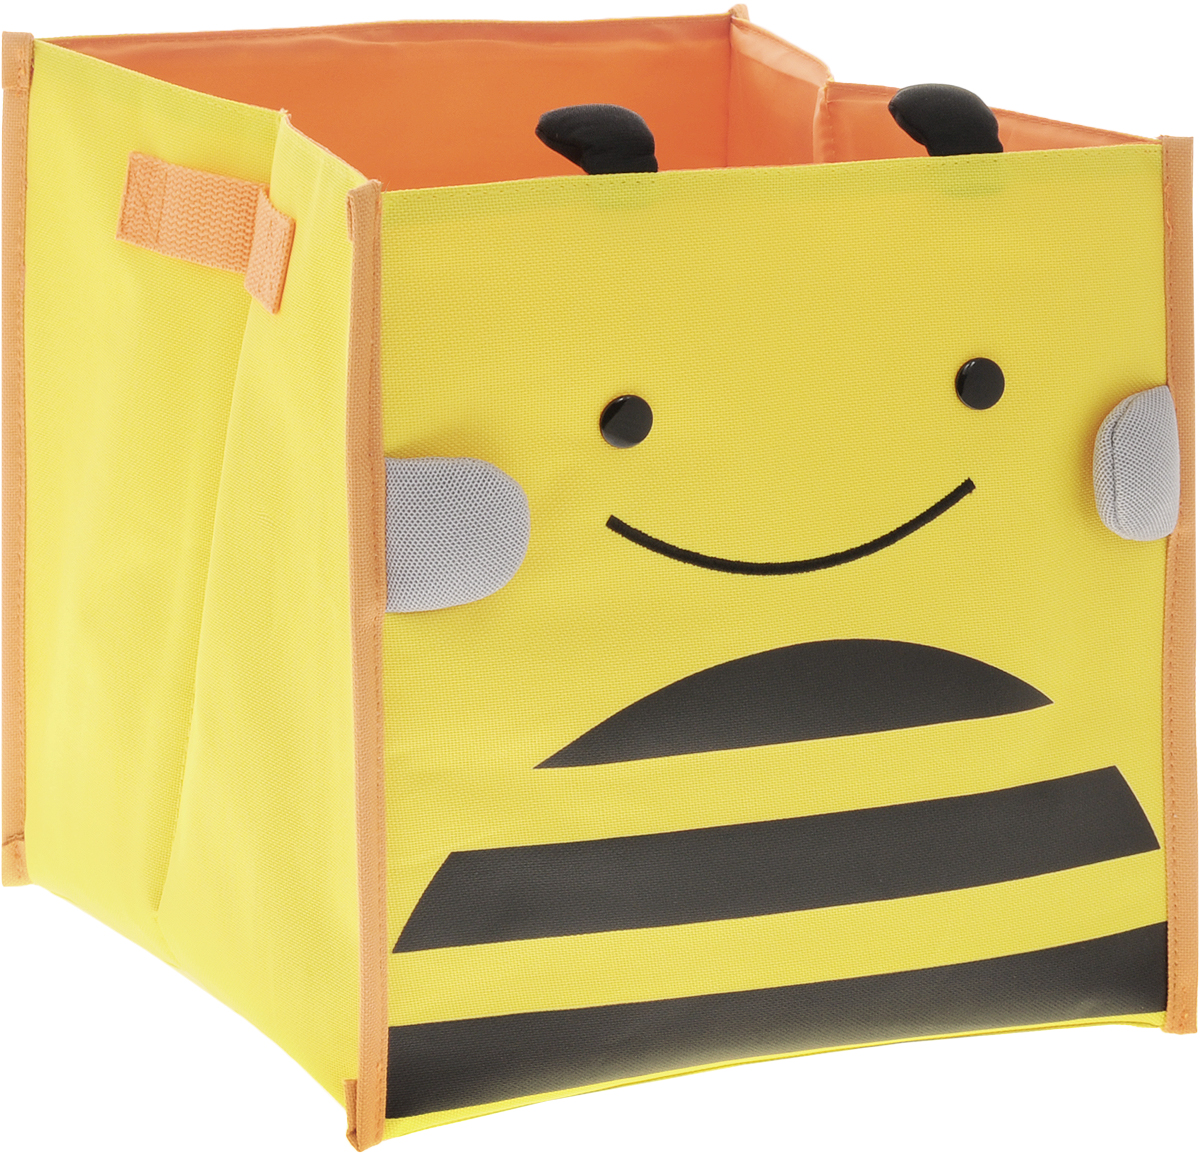 Bradex Короб для хранения Пчелка купить экран короб в спб адреса